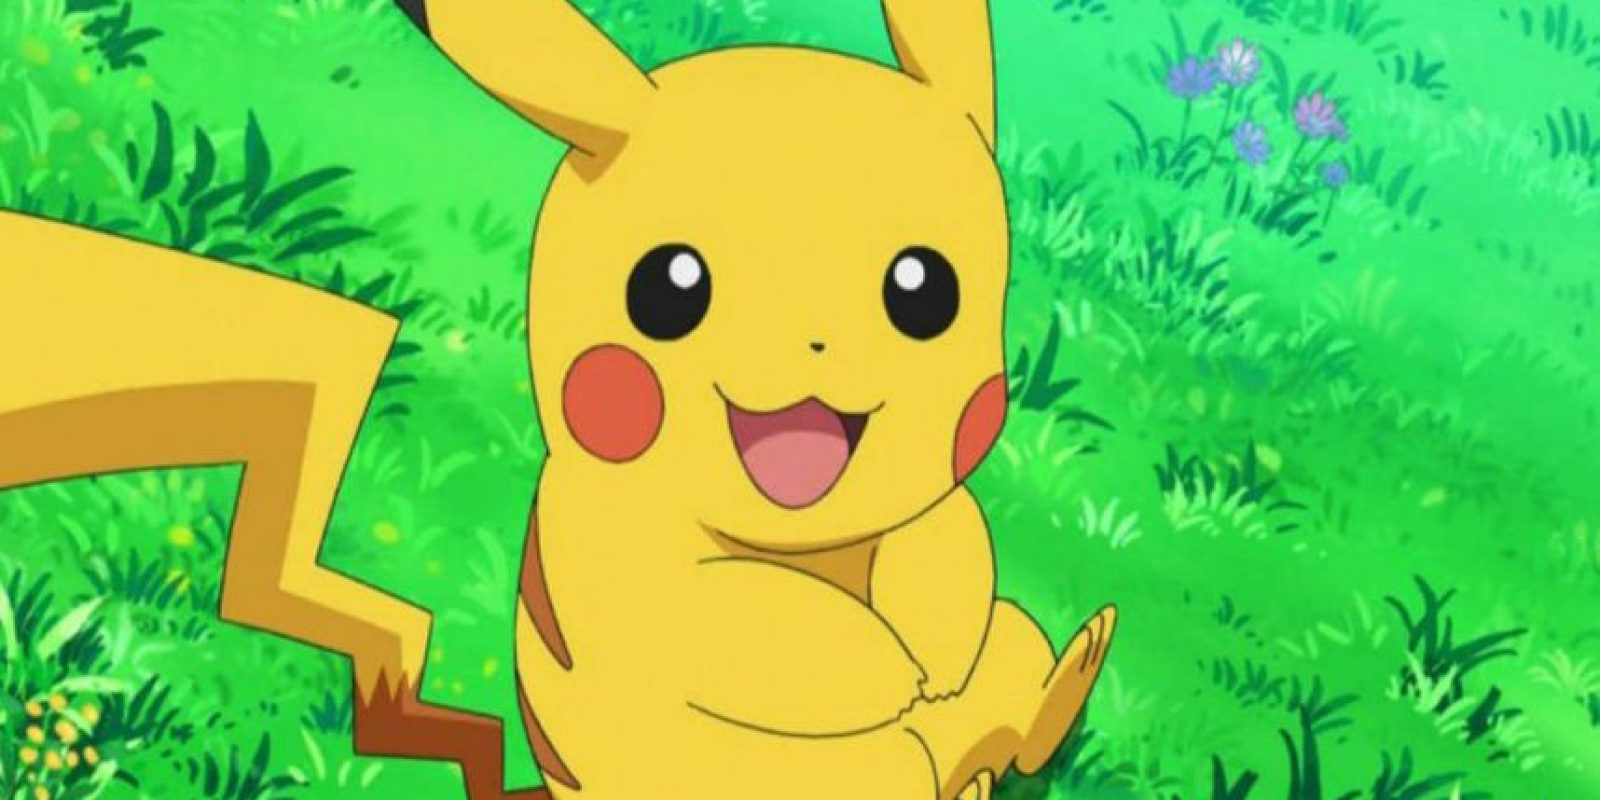 El juego se ha vuelto inmensamente popular en el mundo. Foto:Pokémon